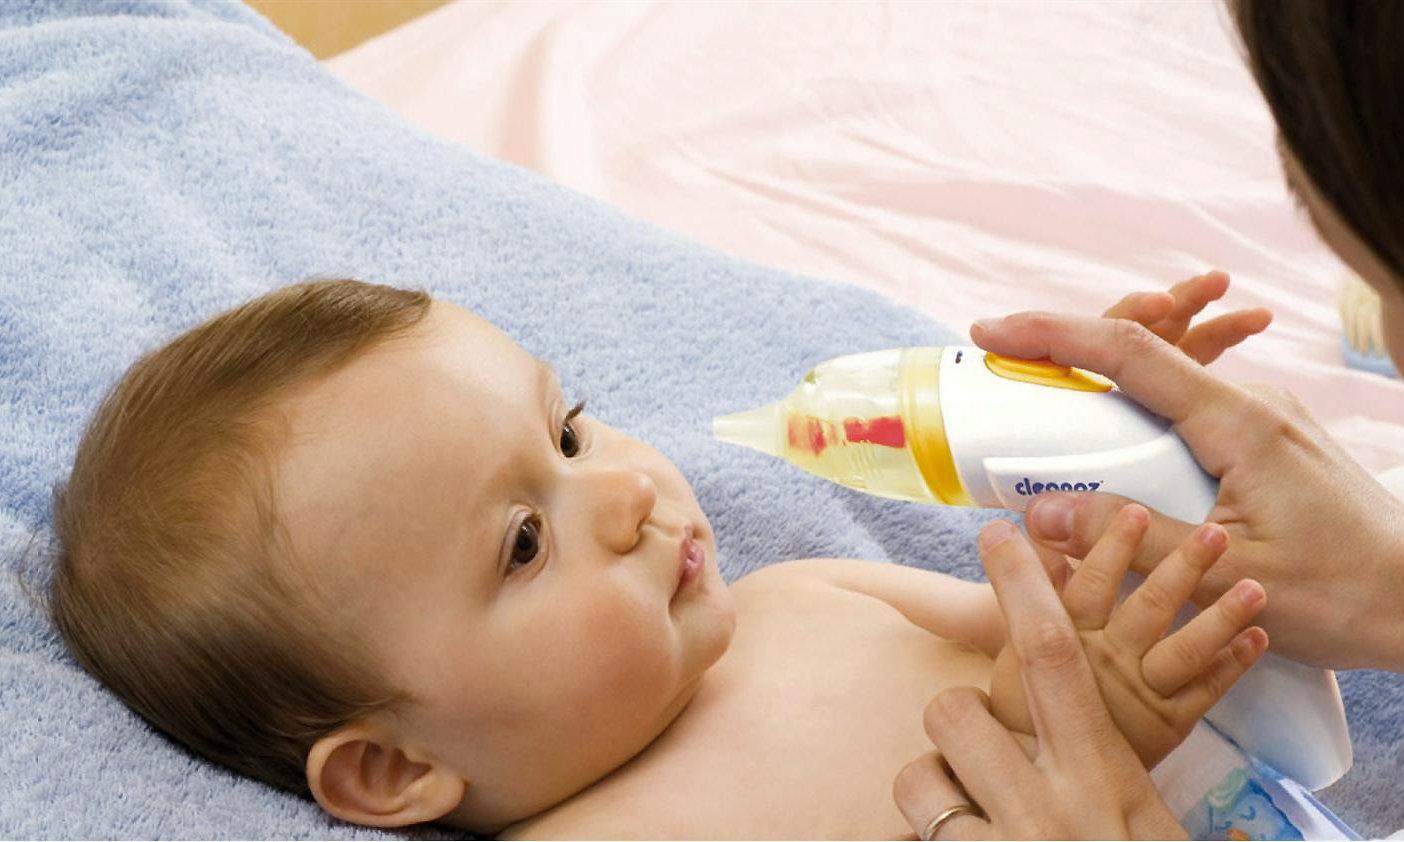 Скорое лечение насморка трёхмесячному малышу